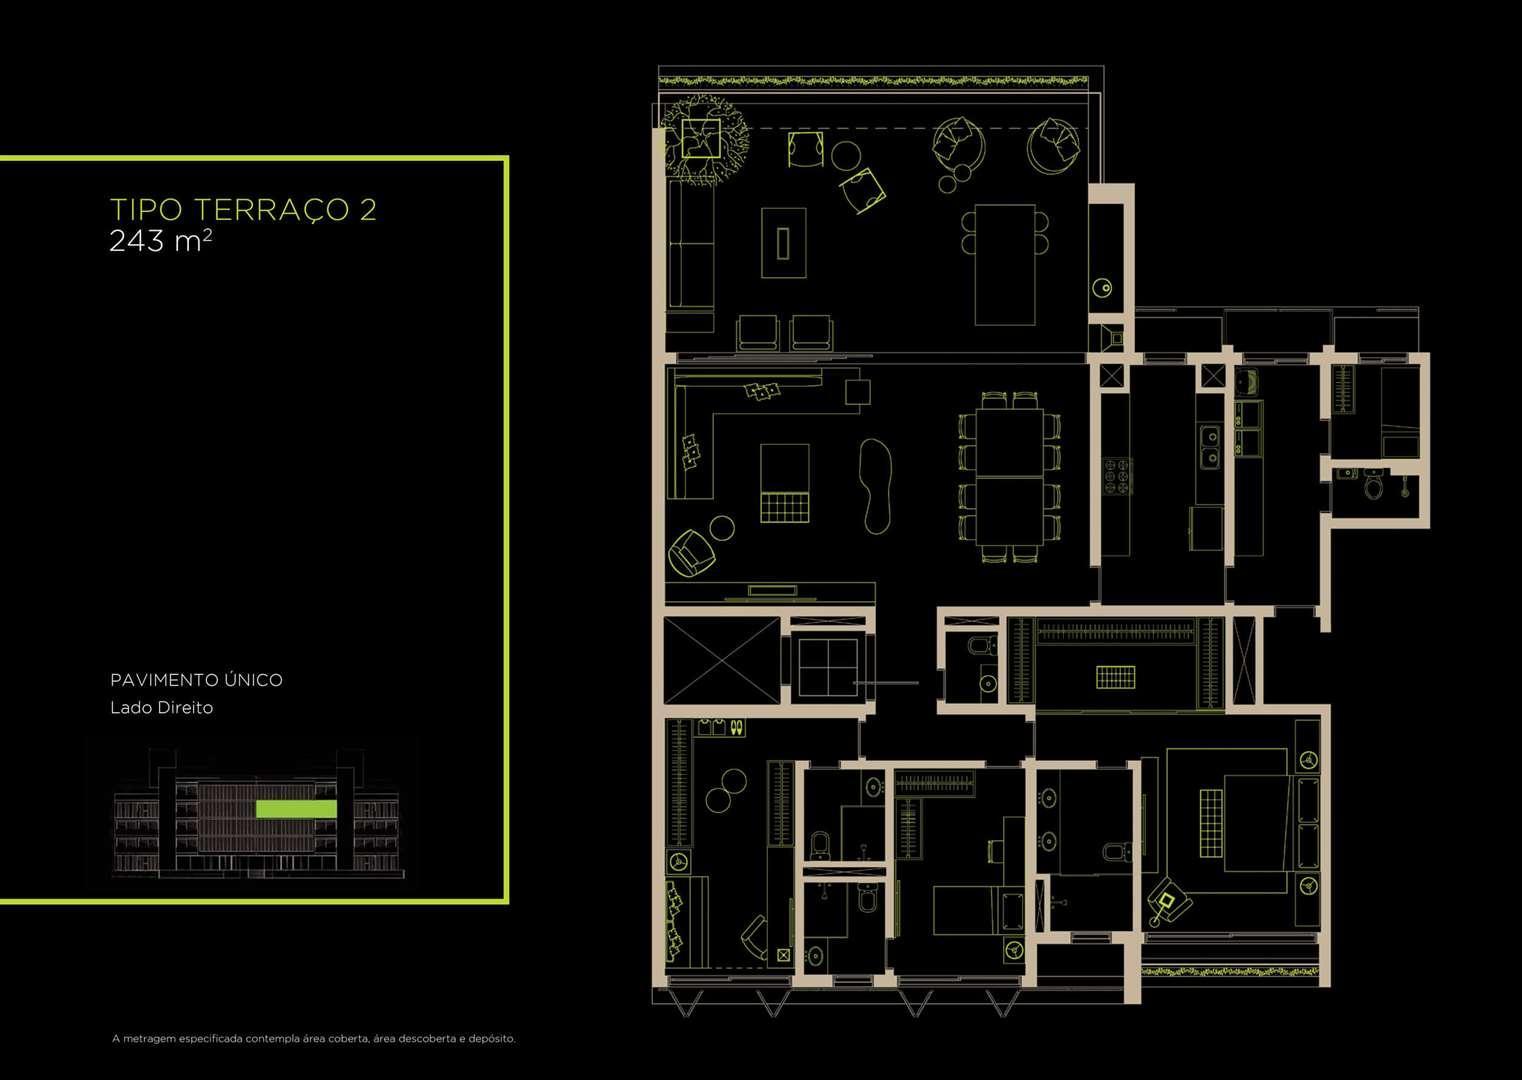 Arruda 168 de 3 dormitórios em Alto De Pinheiros, São Paulo - SP